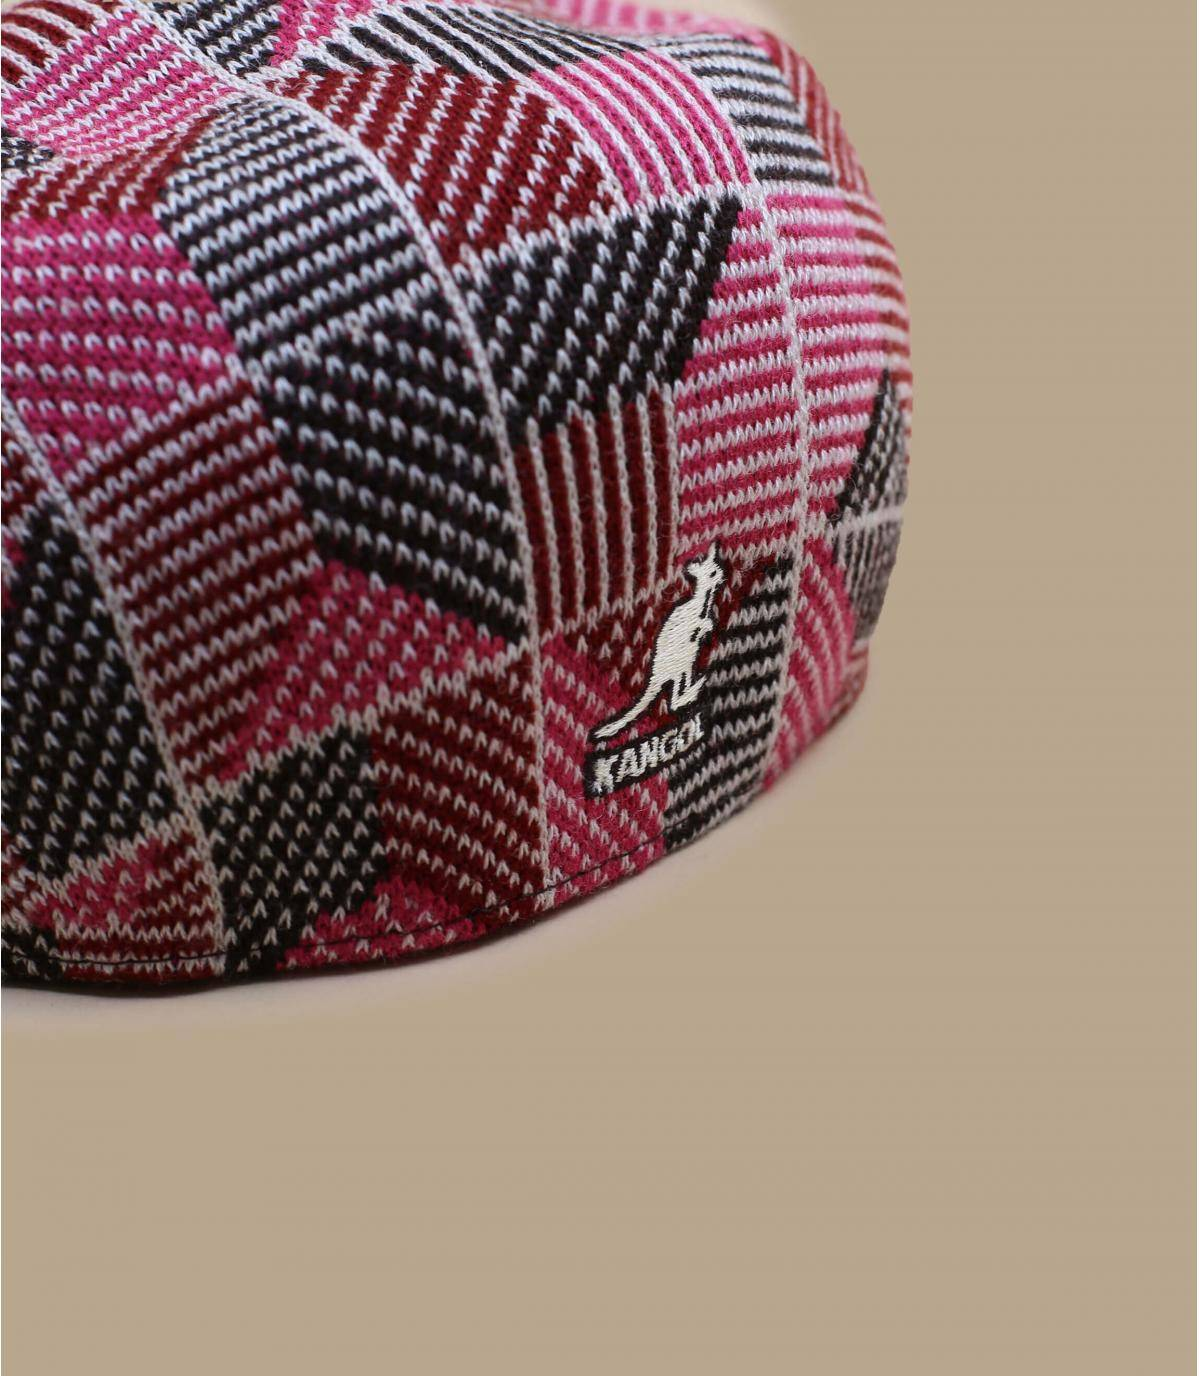 Detalles 507 Tiled electric pink imagen 3